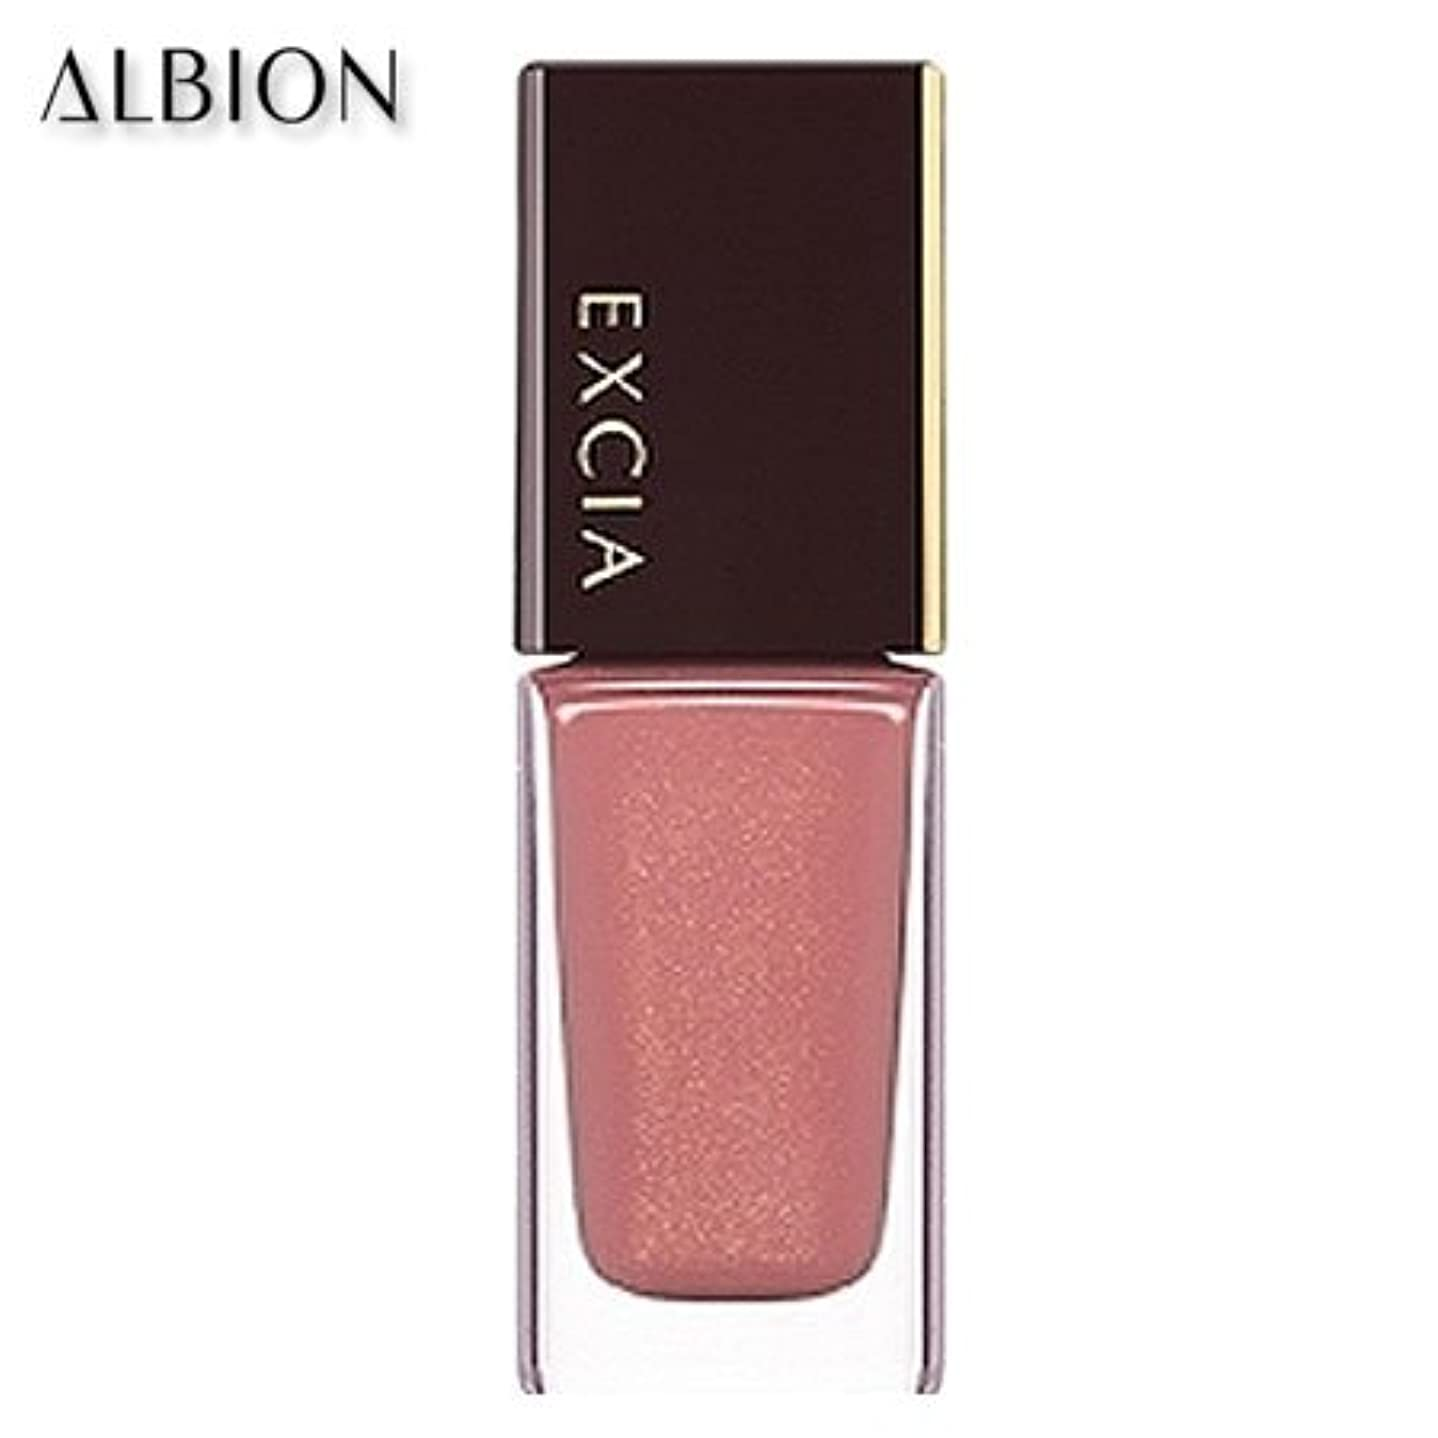 振り子ドールプーノアルビオン エクシア AL ネイルカラー S 11色 -ALBION- 10